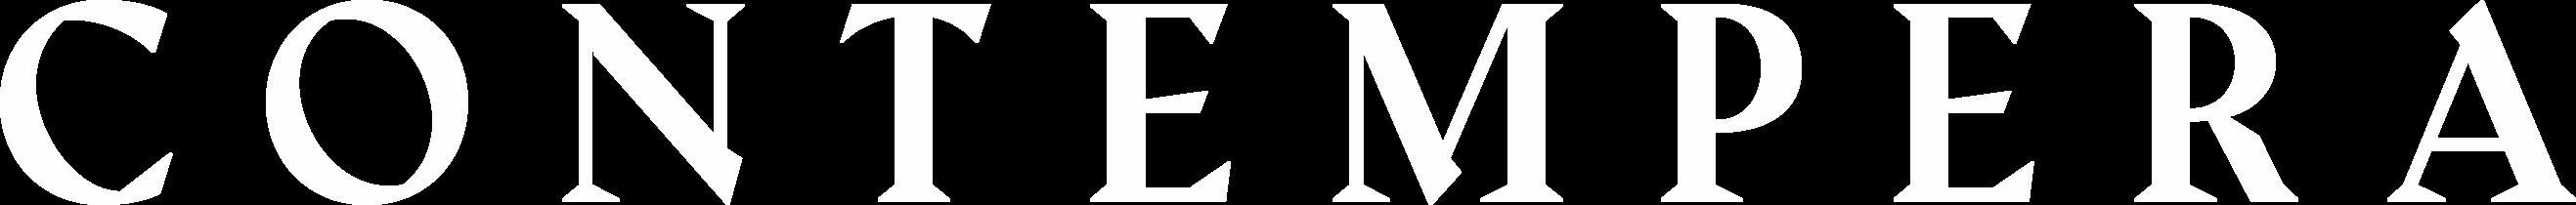 contempra logo